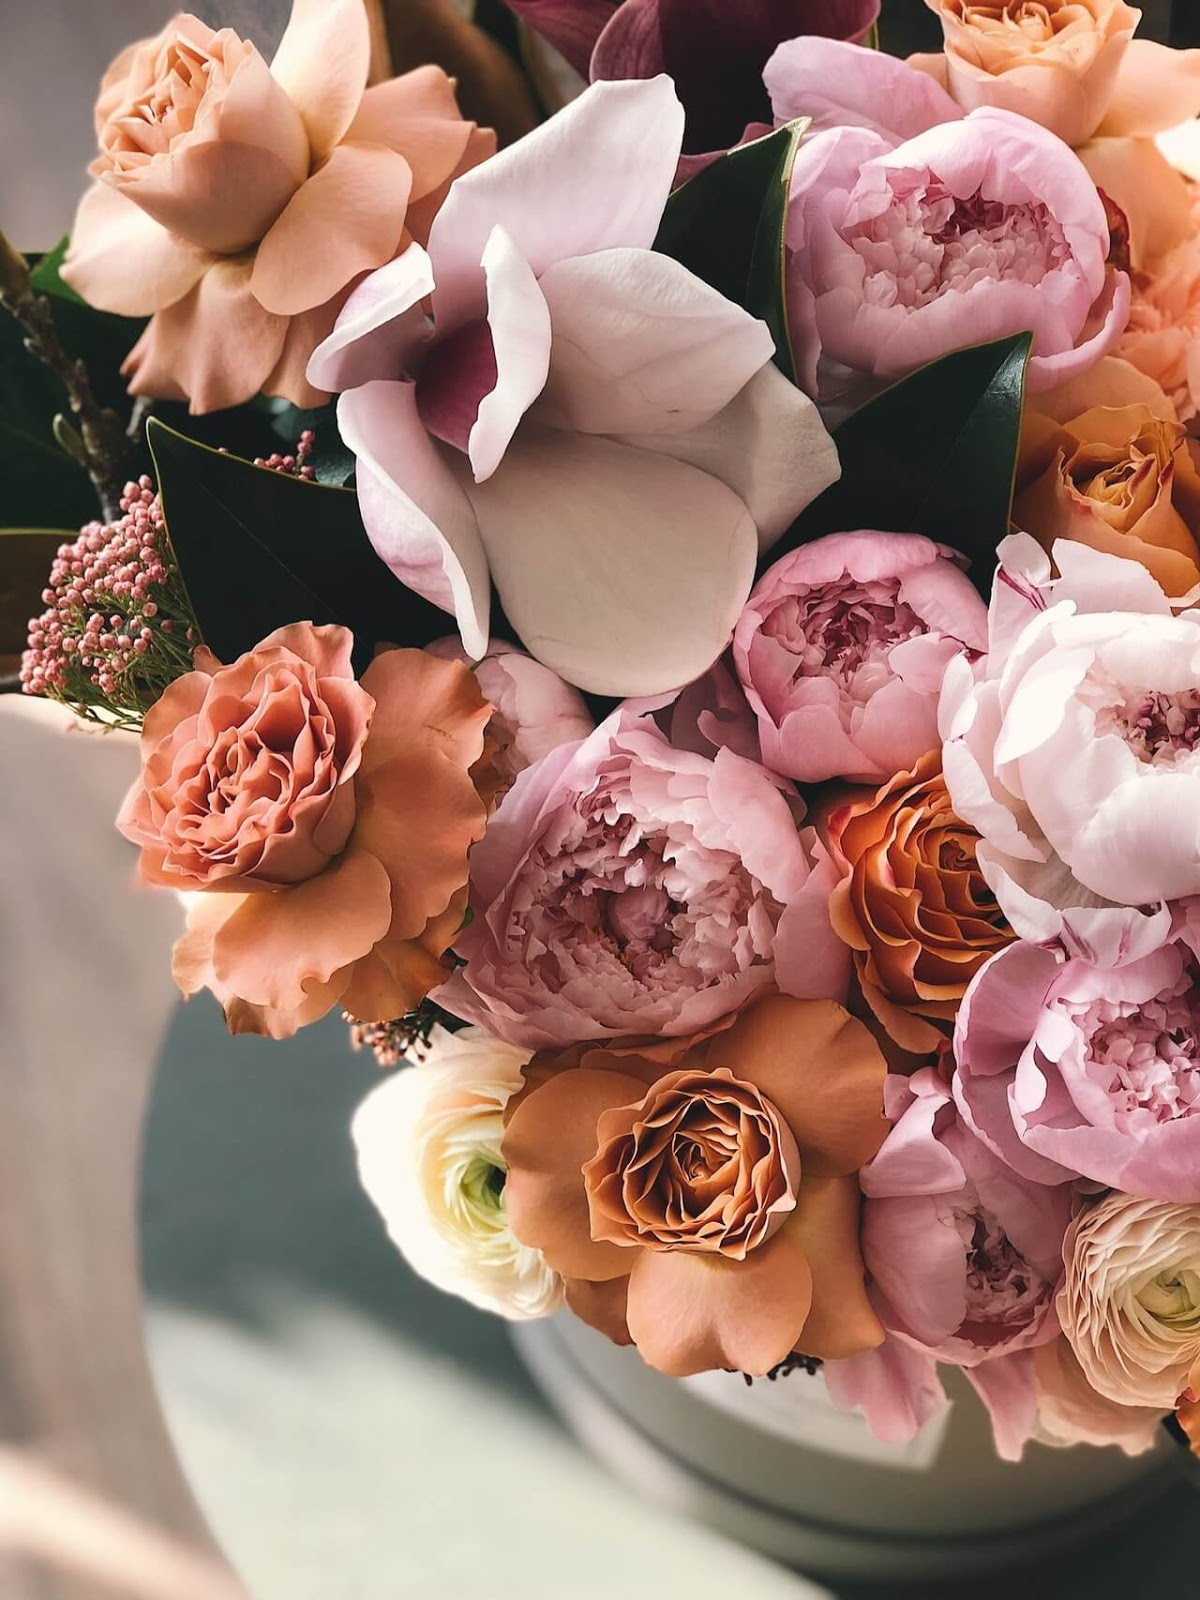 Znaczenie kwiatów – co symbolizuje twój bukiet?